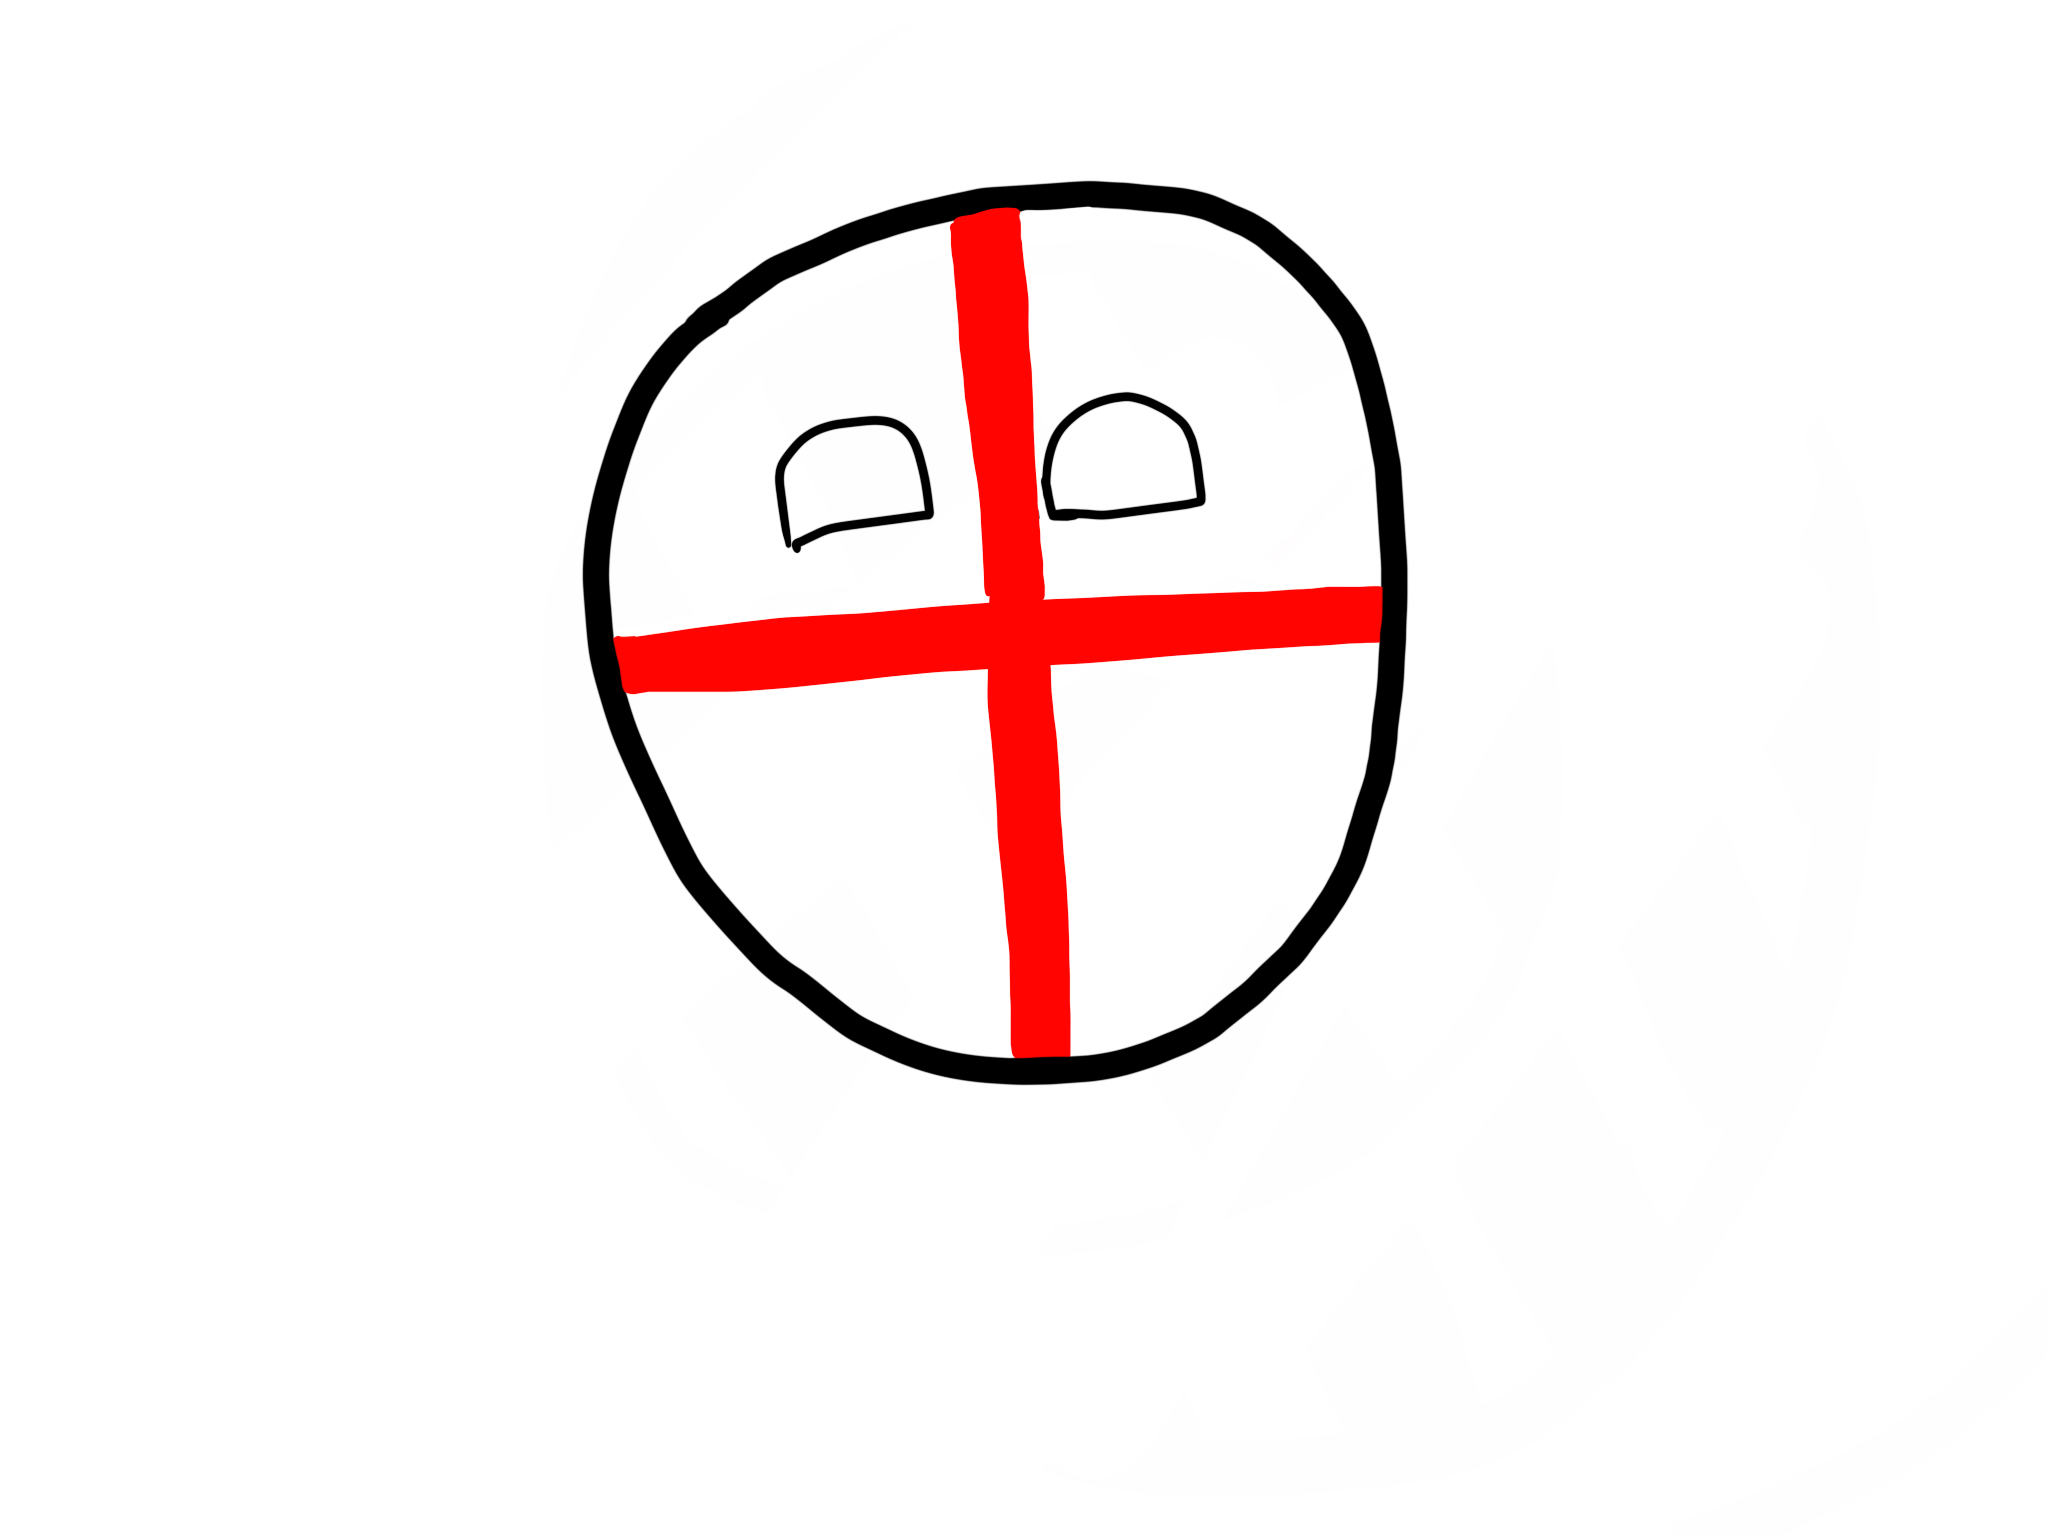 Corsicoball